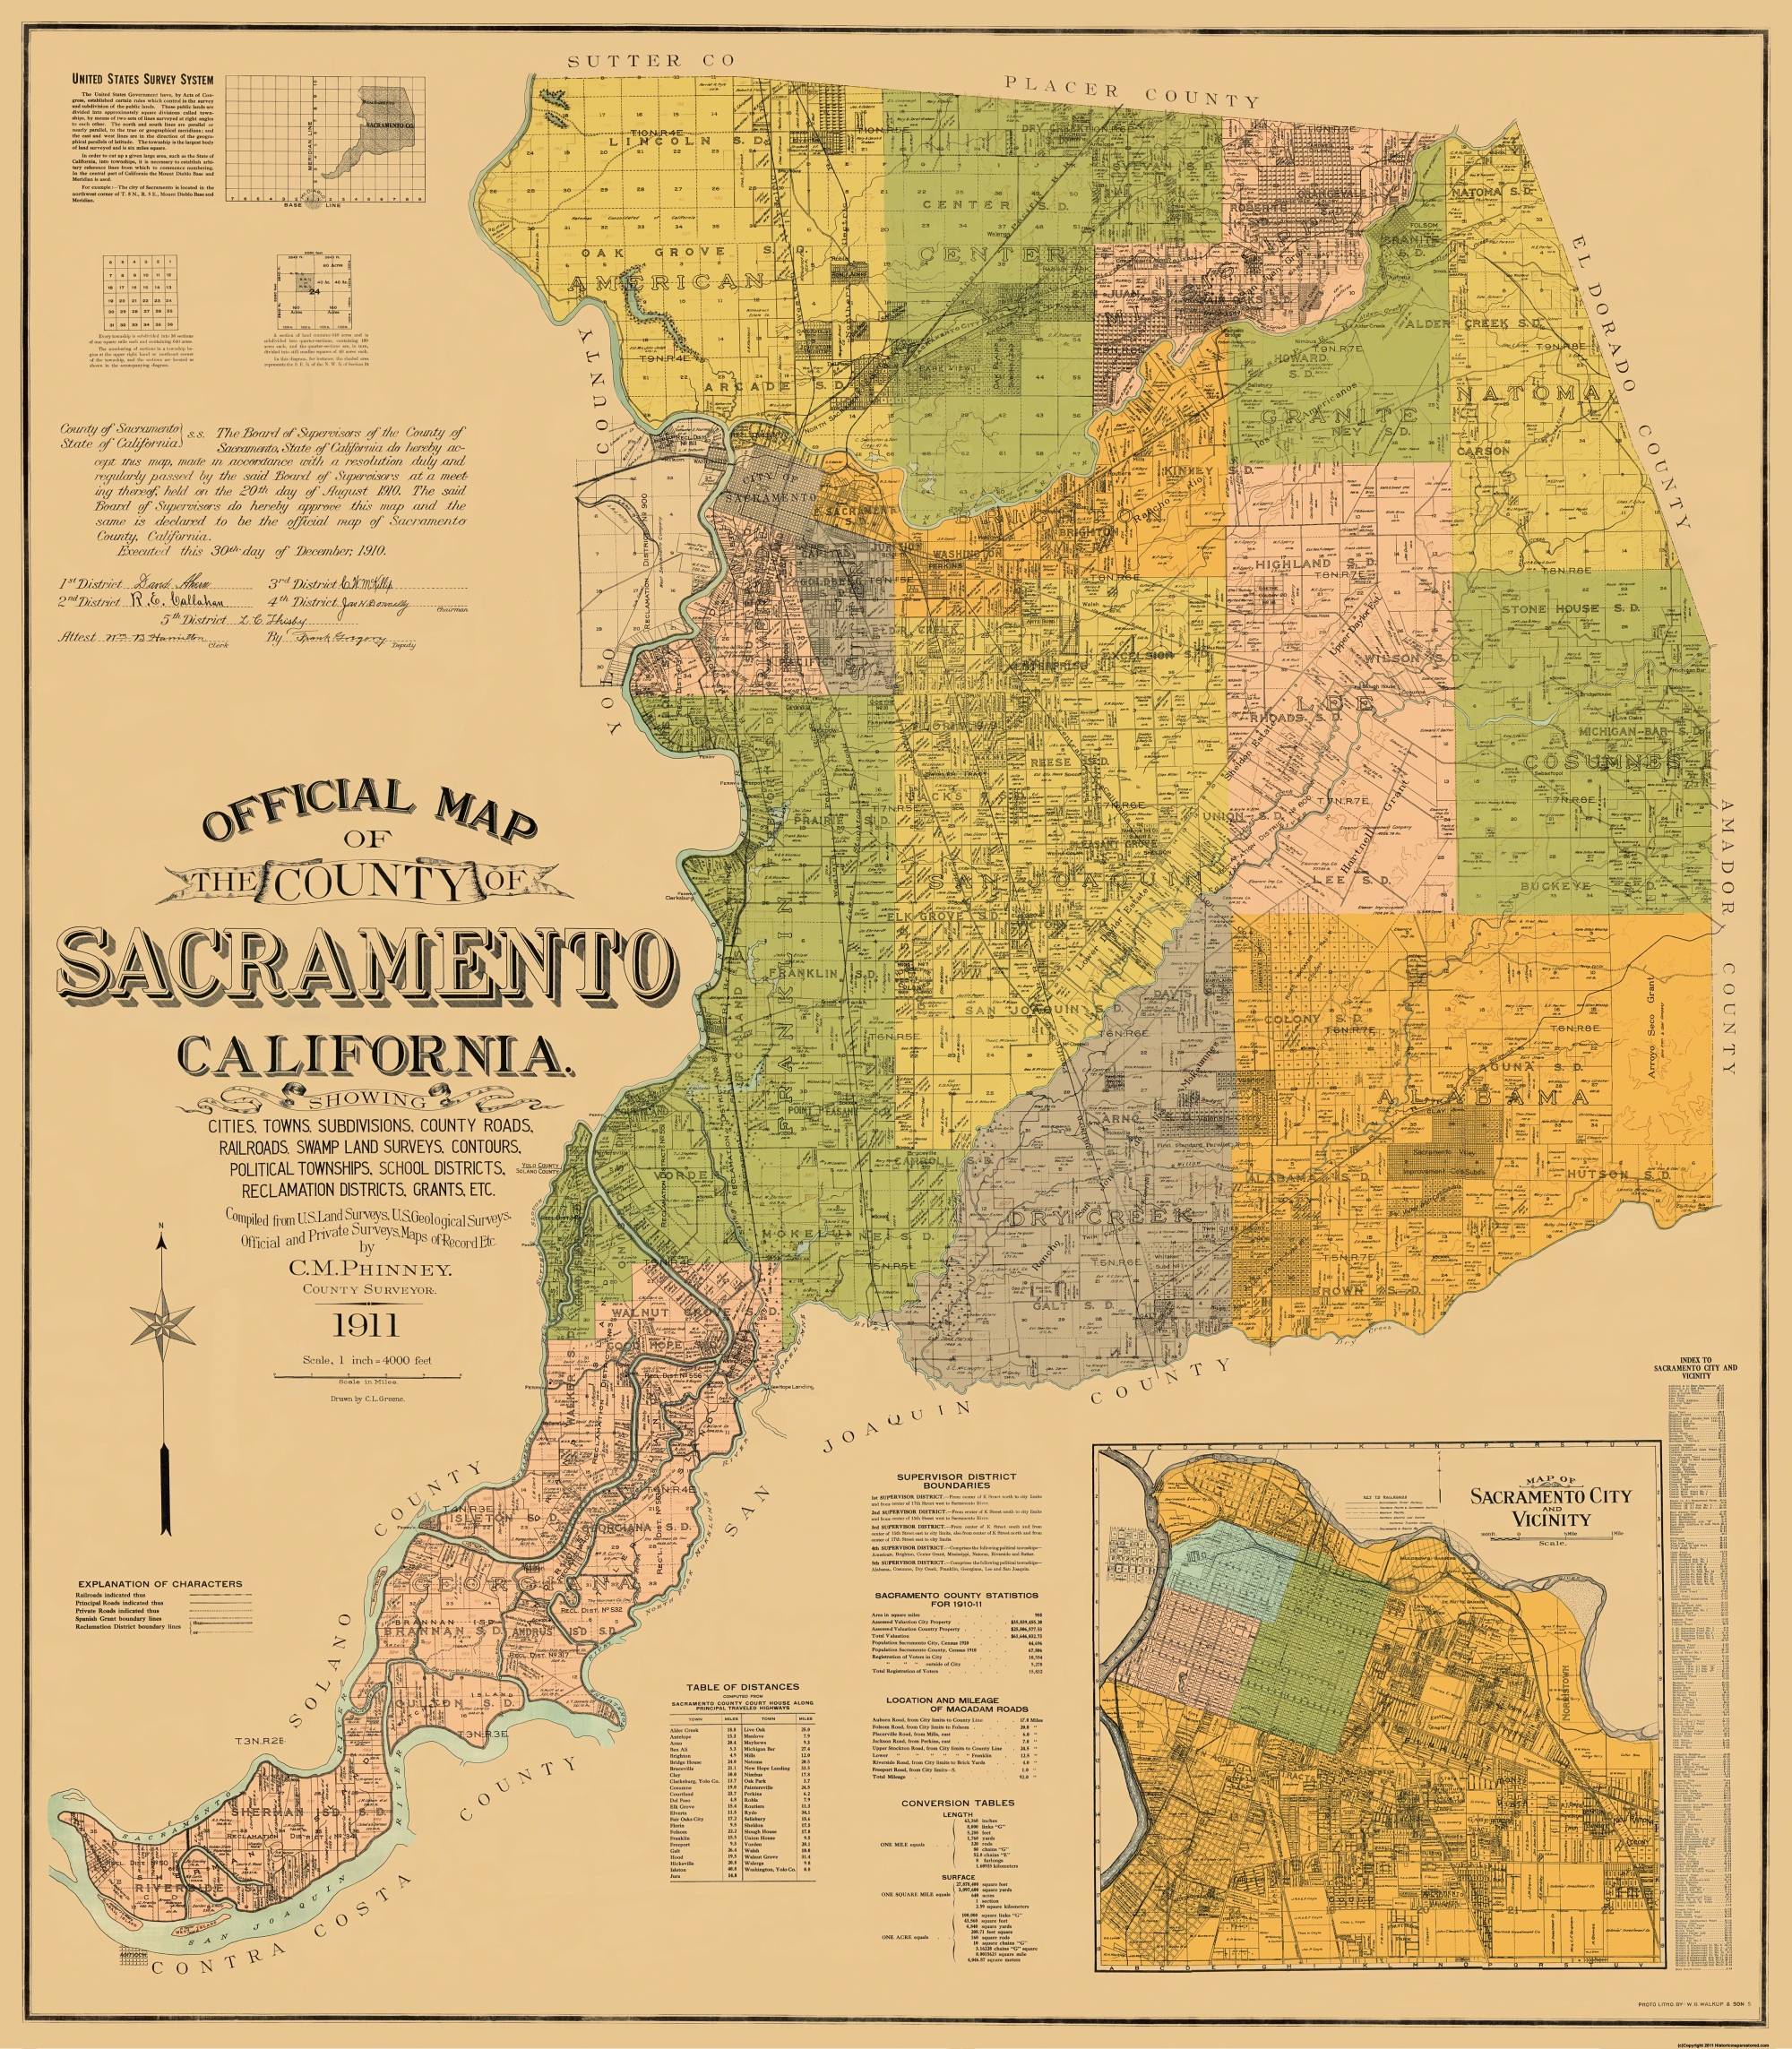 Old County Map Sacramento California Landowner 1911